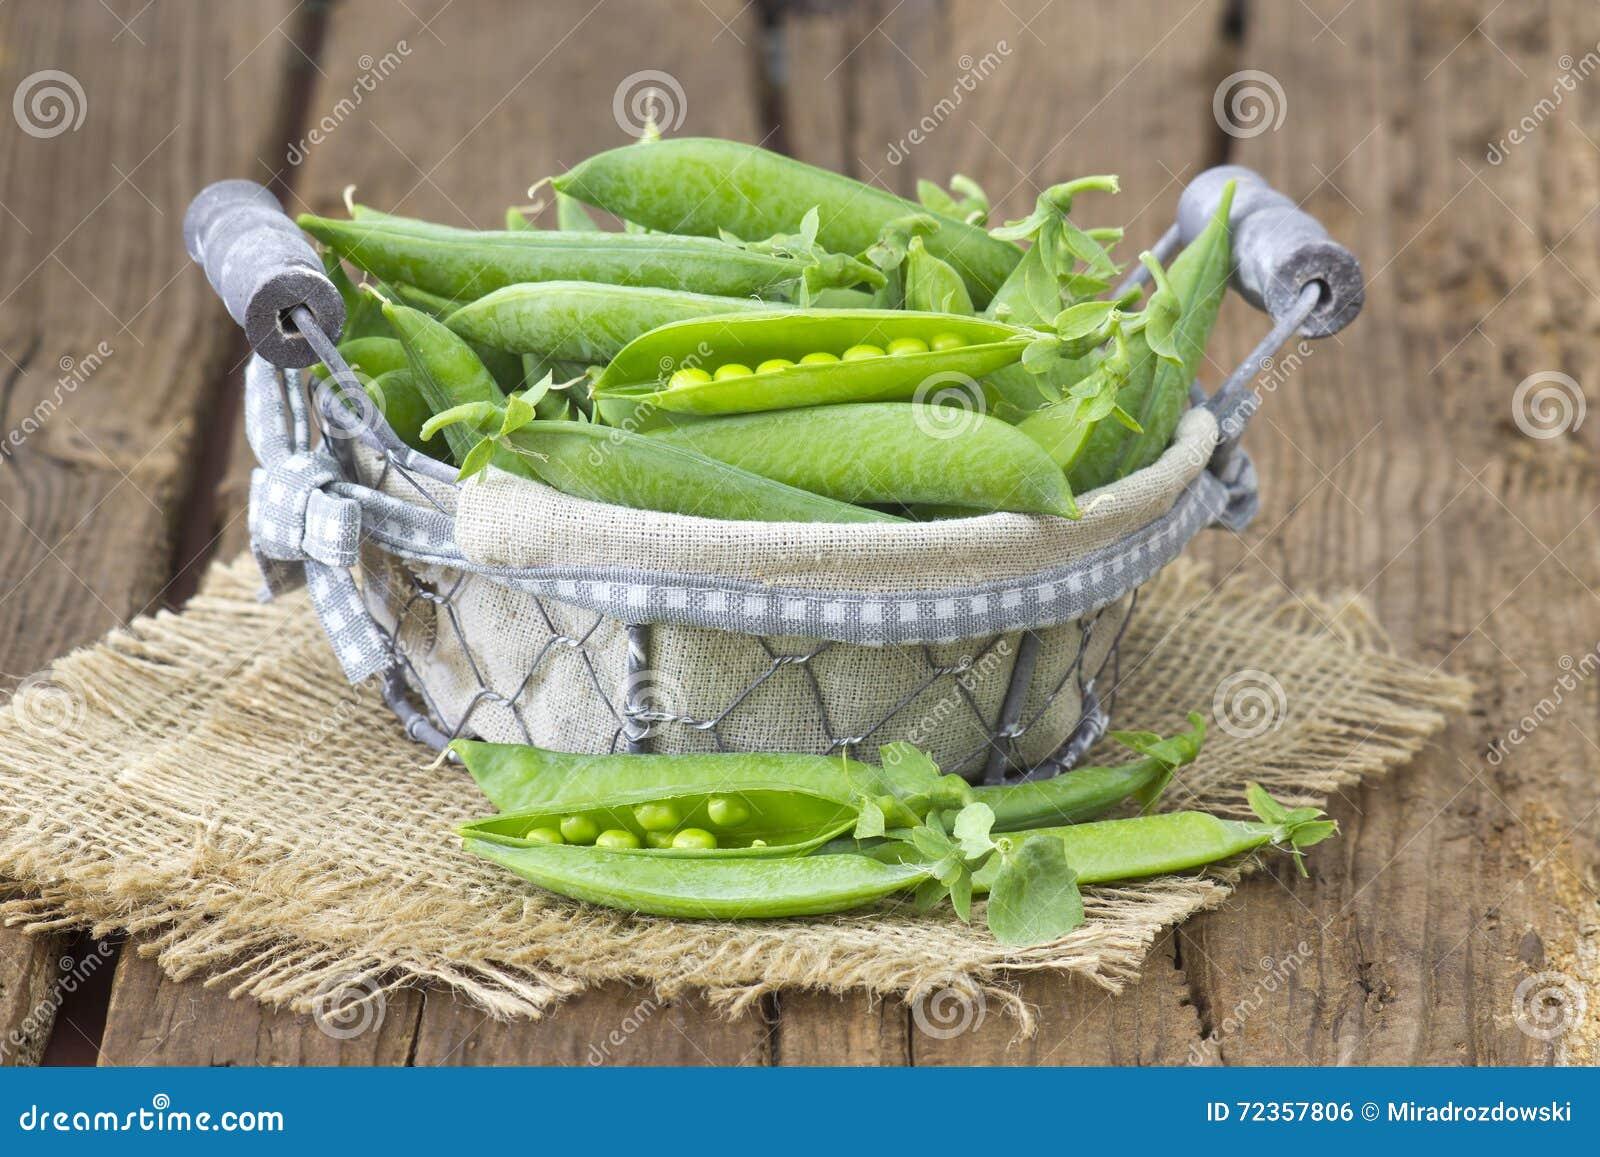 充分篮子绿豆